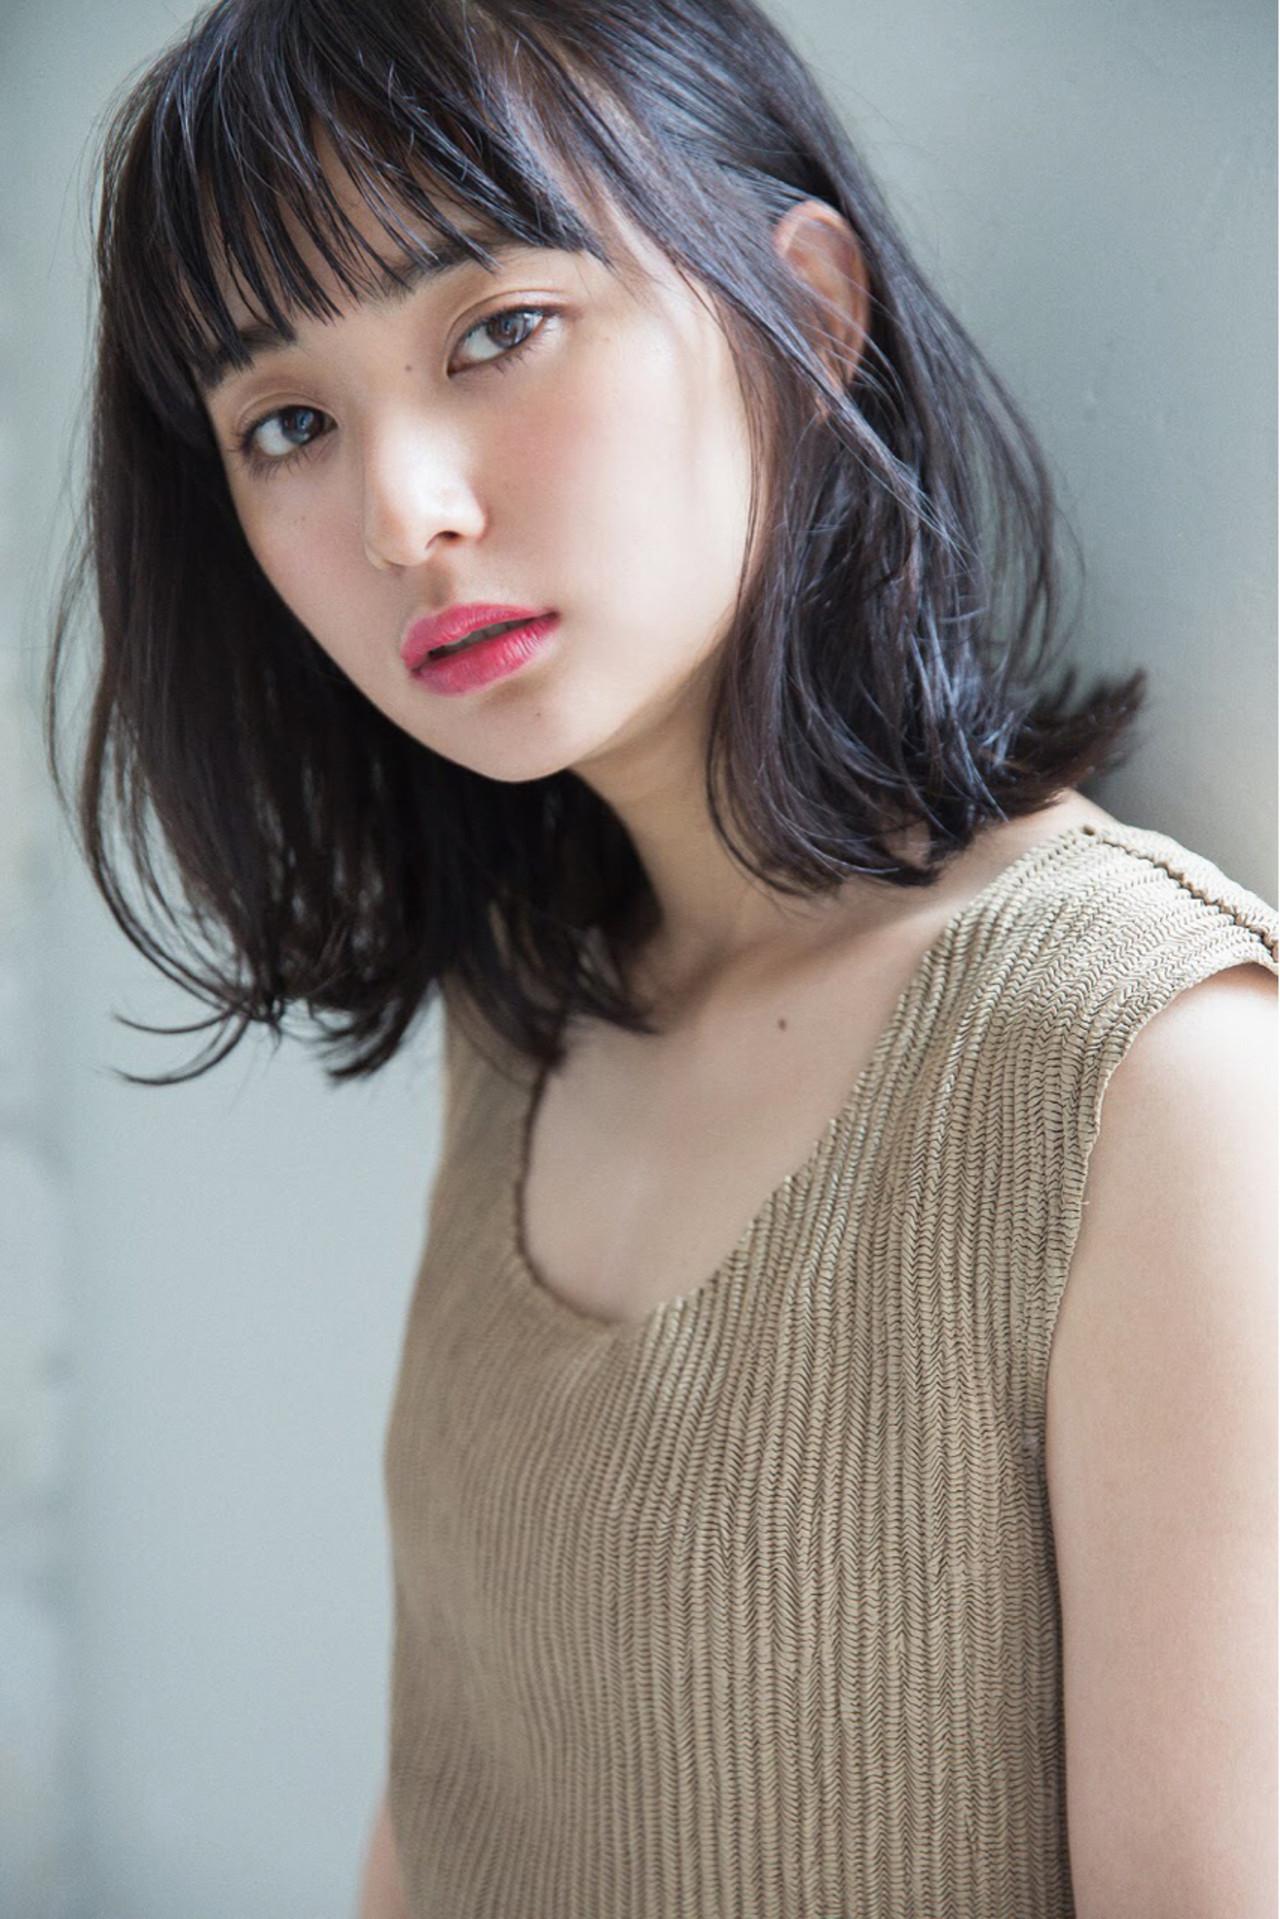 前髪あり ナチュラル ゆるふわ ロブ ヘアスタイルや髪型の写真・画像 | ファム(くせ毛特化型美容師) EnglishOK / Unami kichijoji